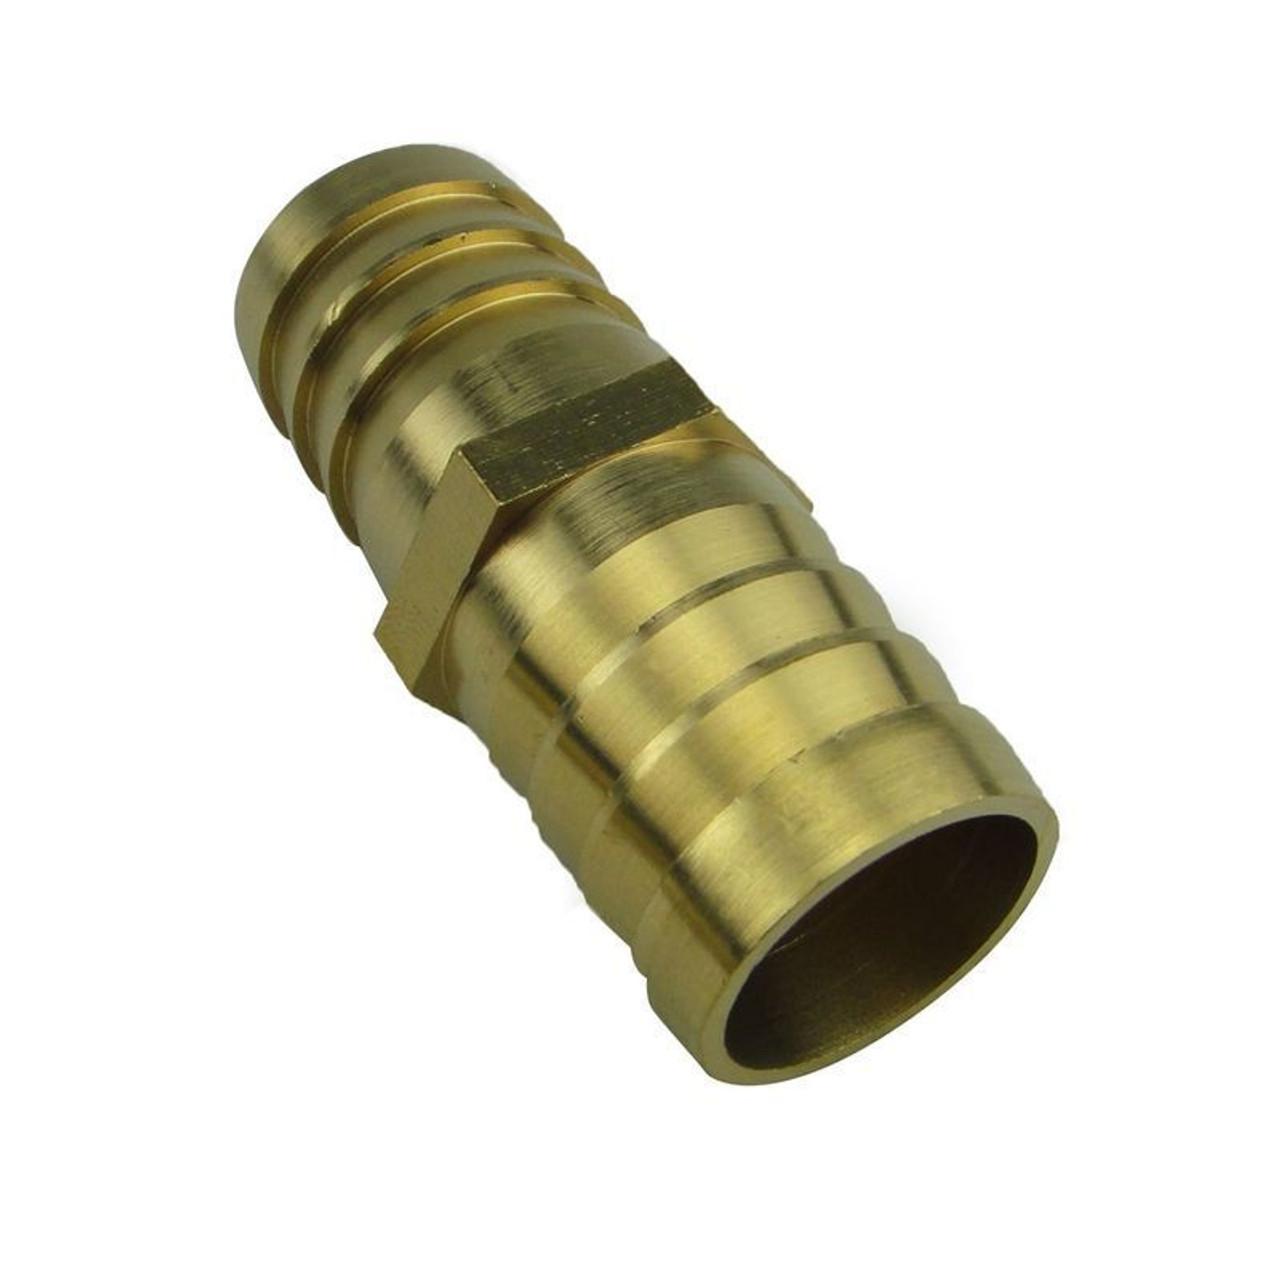 Metric Brass Hose Barb Joiner Gas - Diesel - Fuel Line Hose Joiner